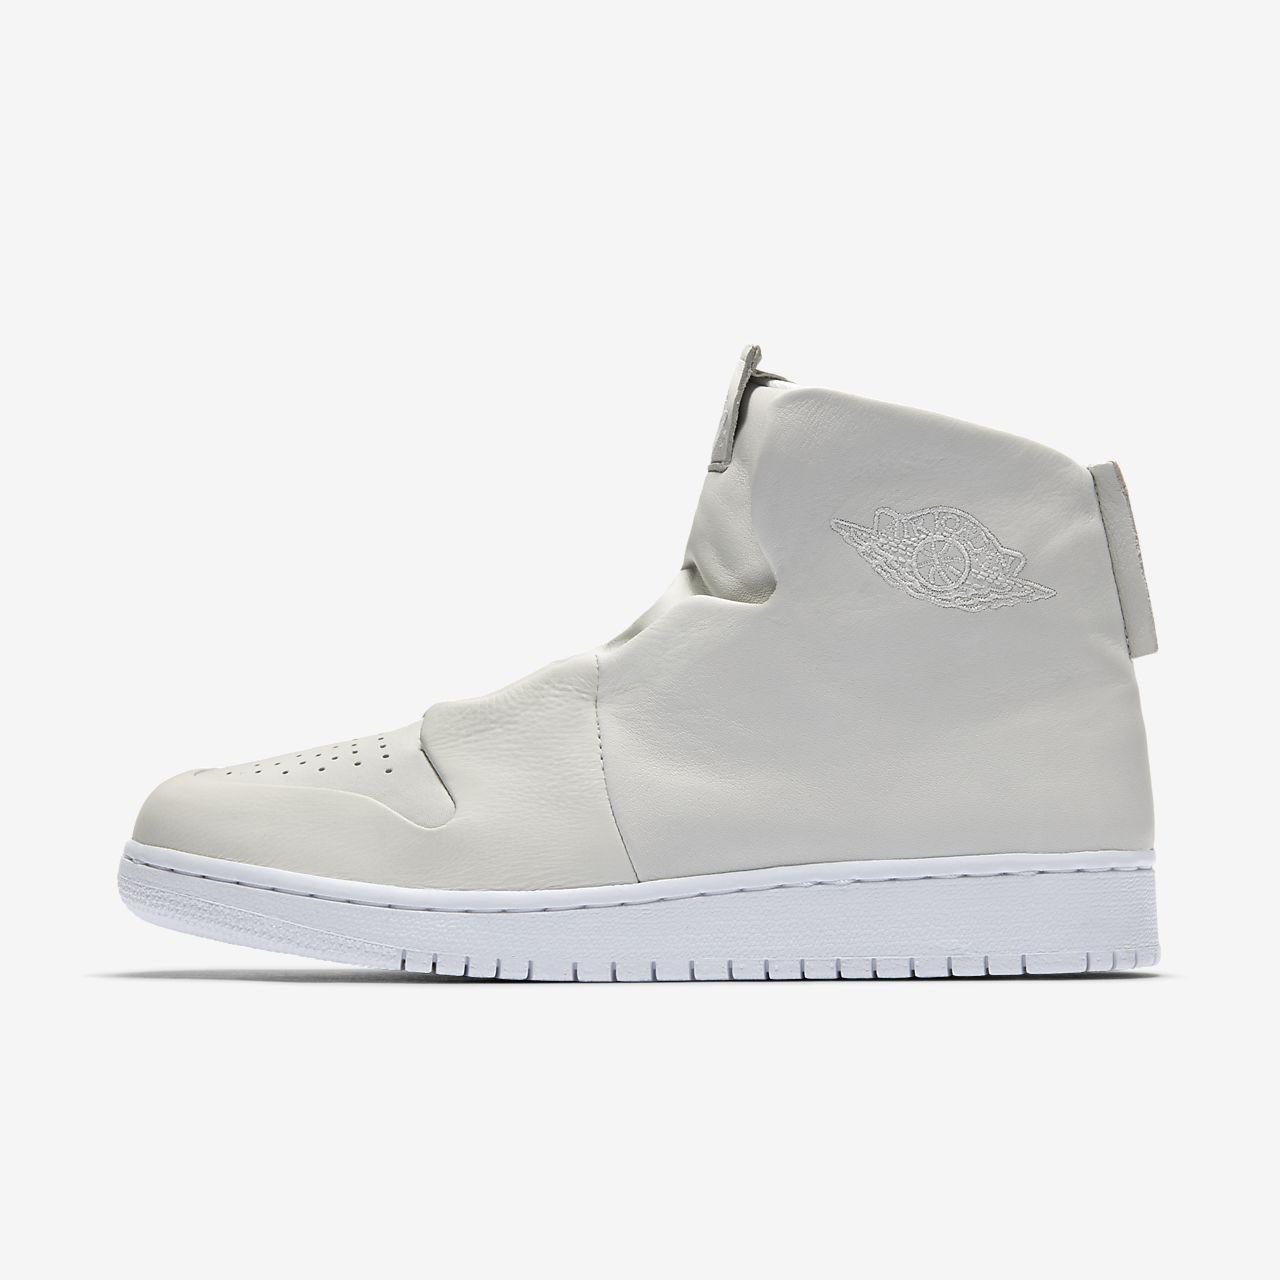 white jordan shoes for women